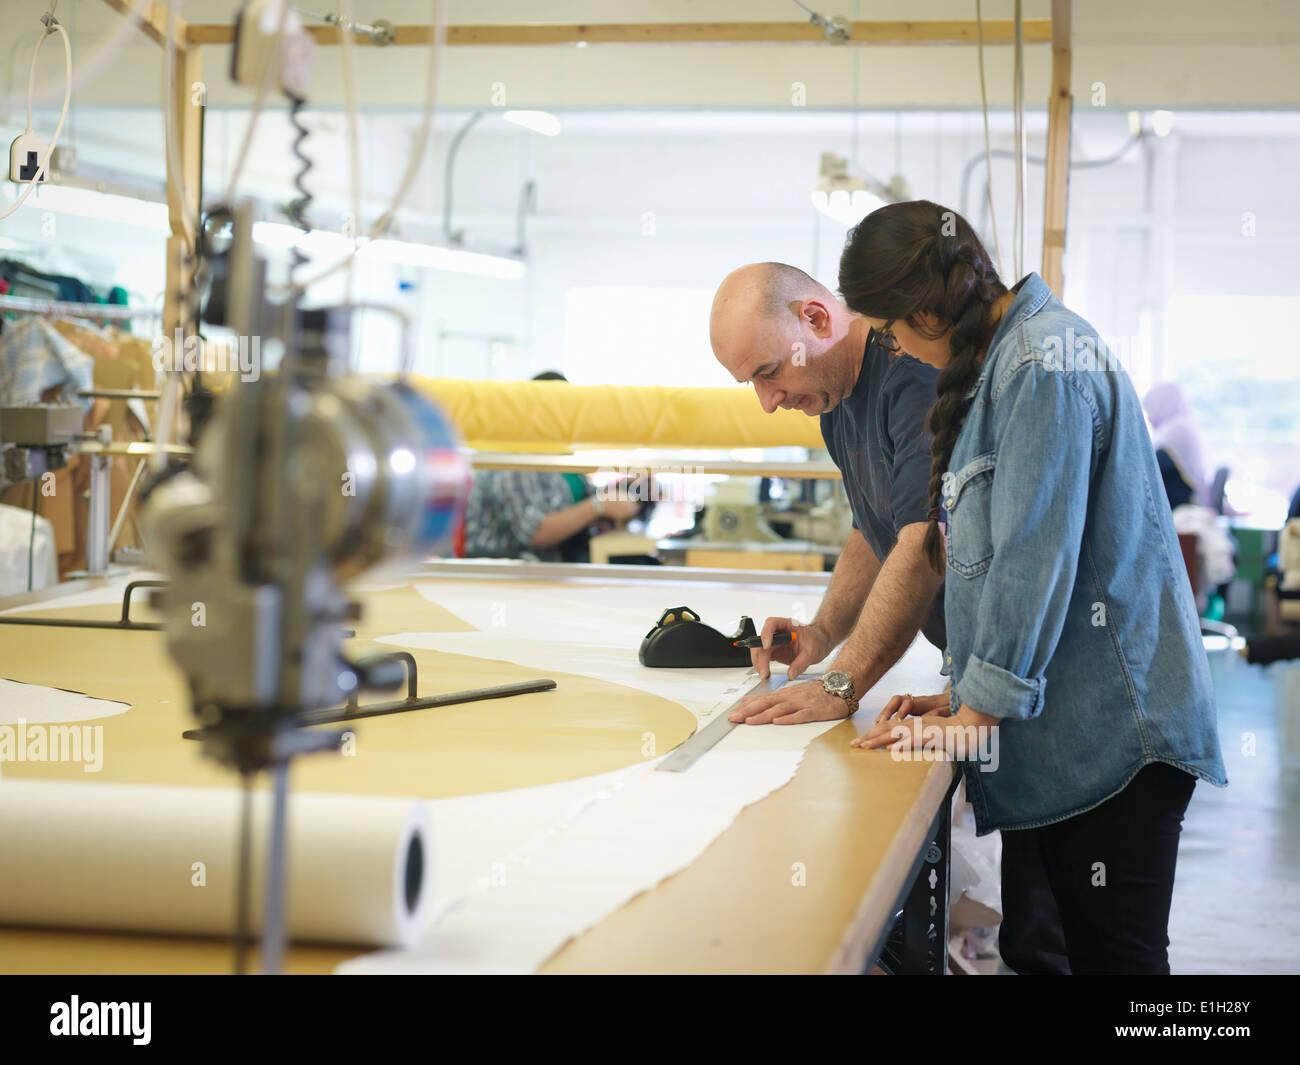 Indumento per la formazione dei lavoratori in fabbrica di abbigliamento Immagini Stock